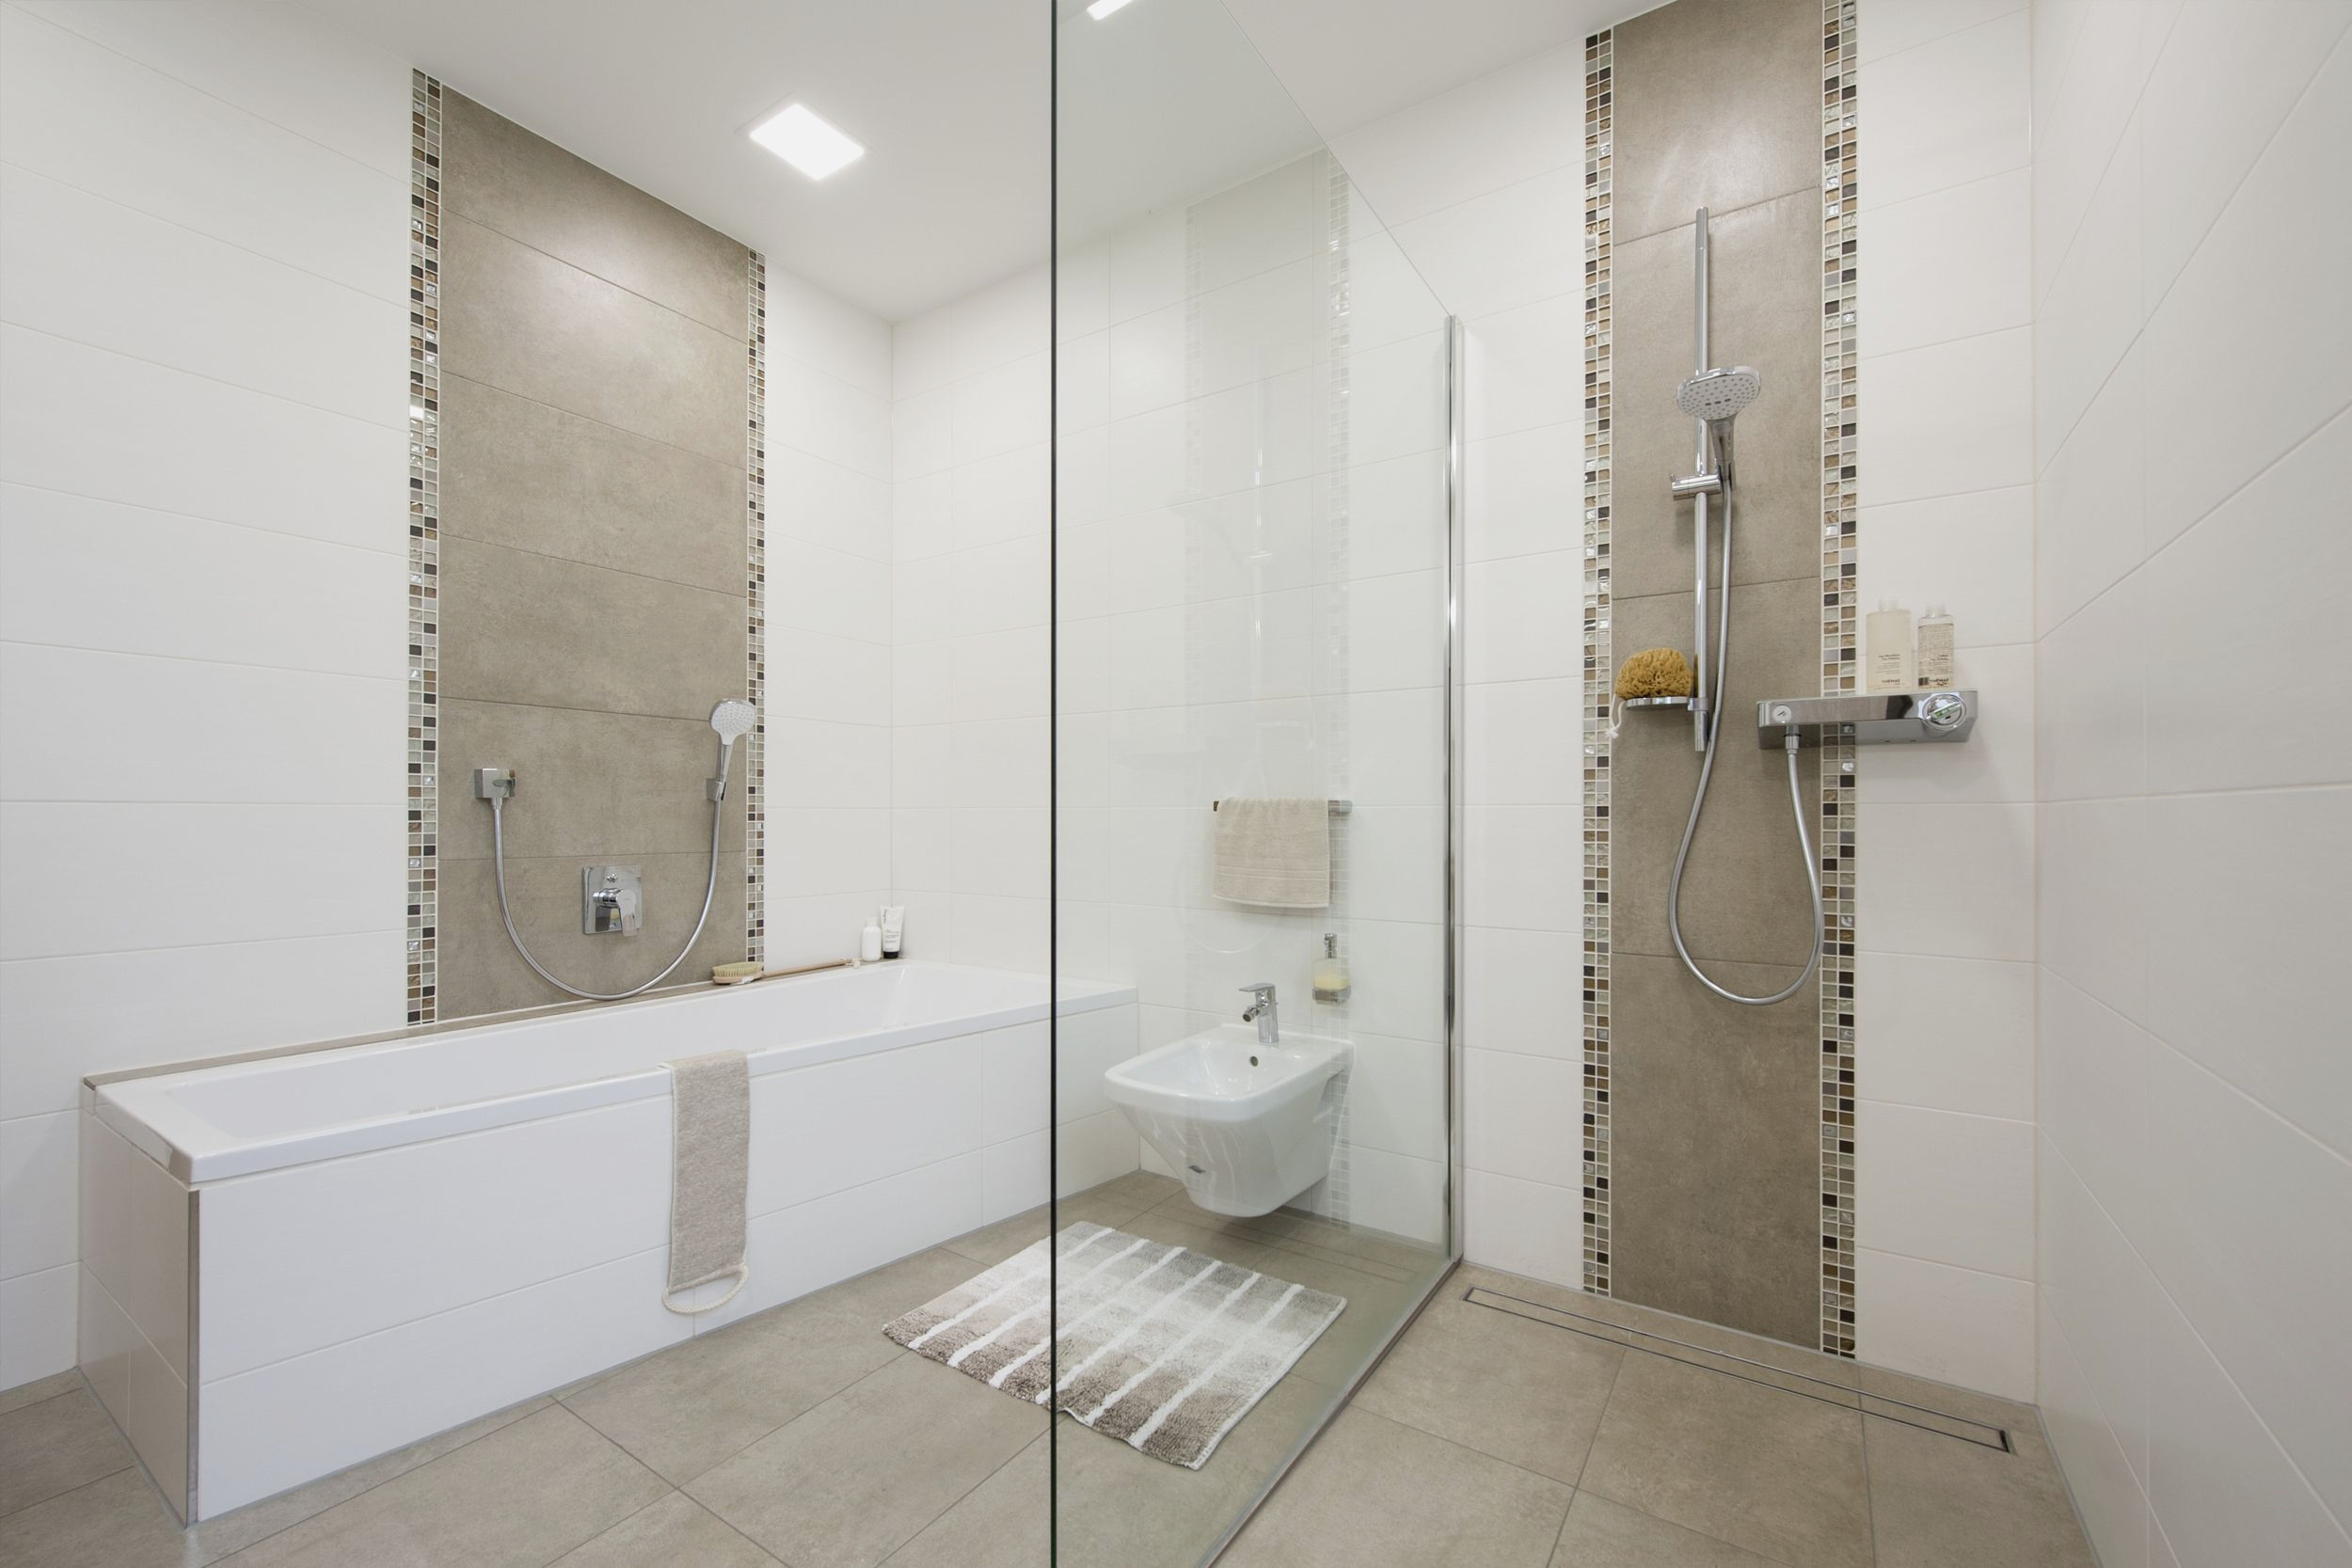 Full Size of Ebenerdige Dusche Kosten Moderne Duschen Begehbare Fliesen Kaufen Nischentür Komplett Set Fenster Austauschen Hüppe Ikea Küche Badewanne Schulte Dusche Ebenerdige Dusche Kosten